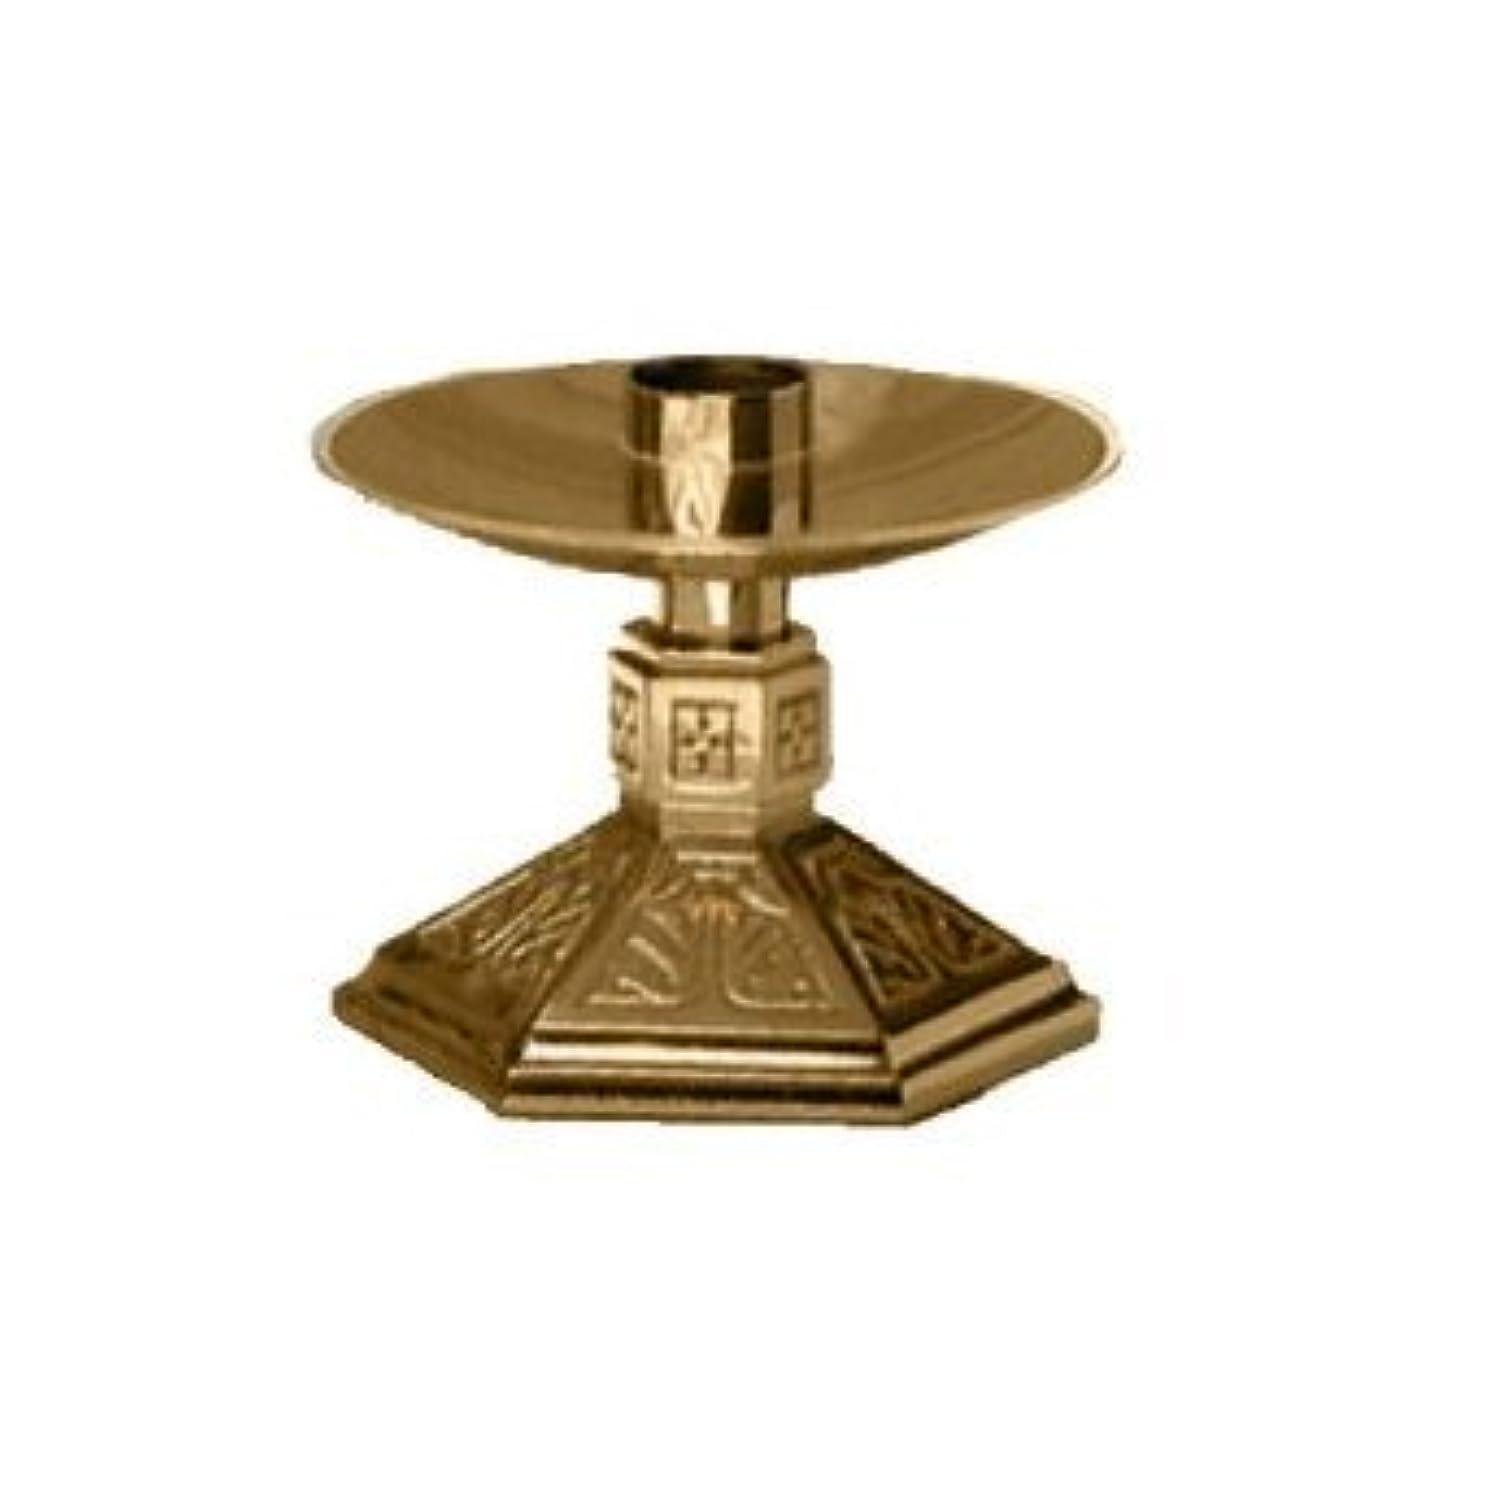 掃く煙突ガチョウAltar Candlestick Style: Satin Bronze 242-L-SBZ